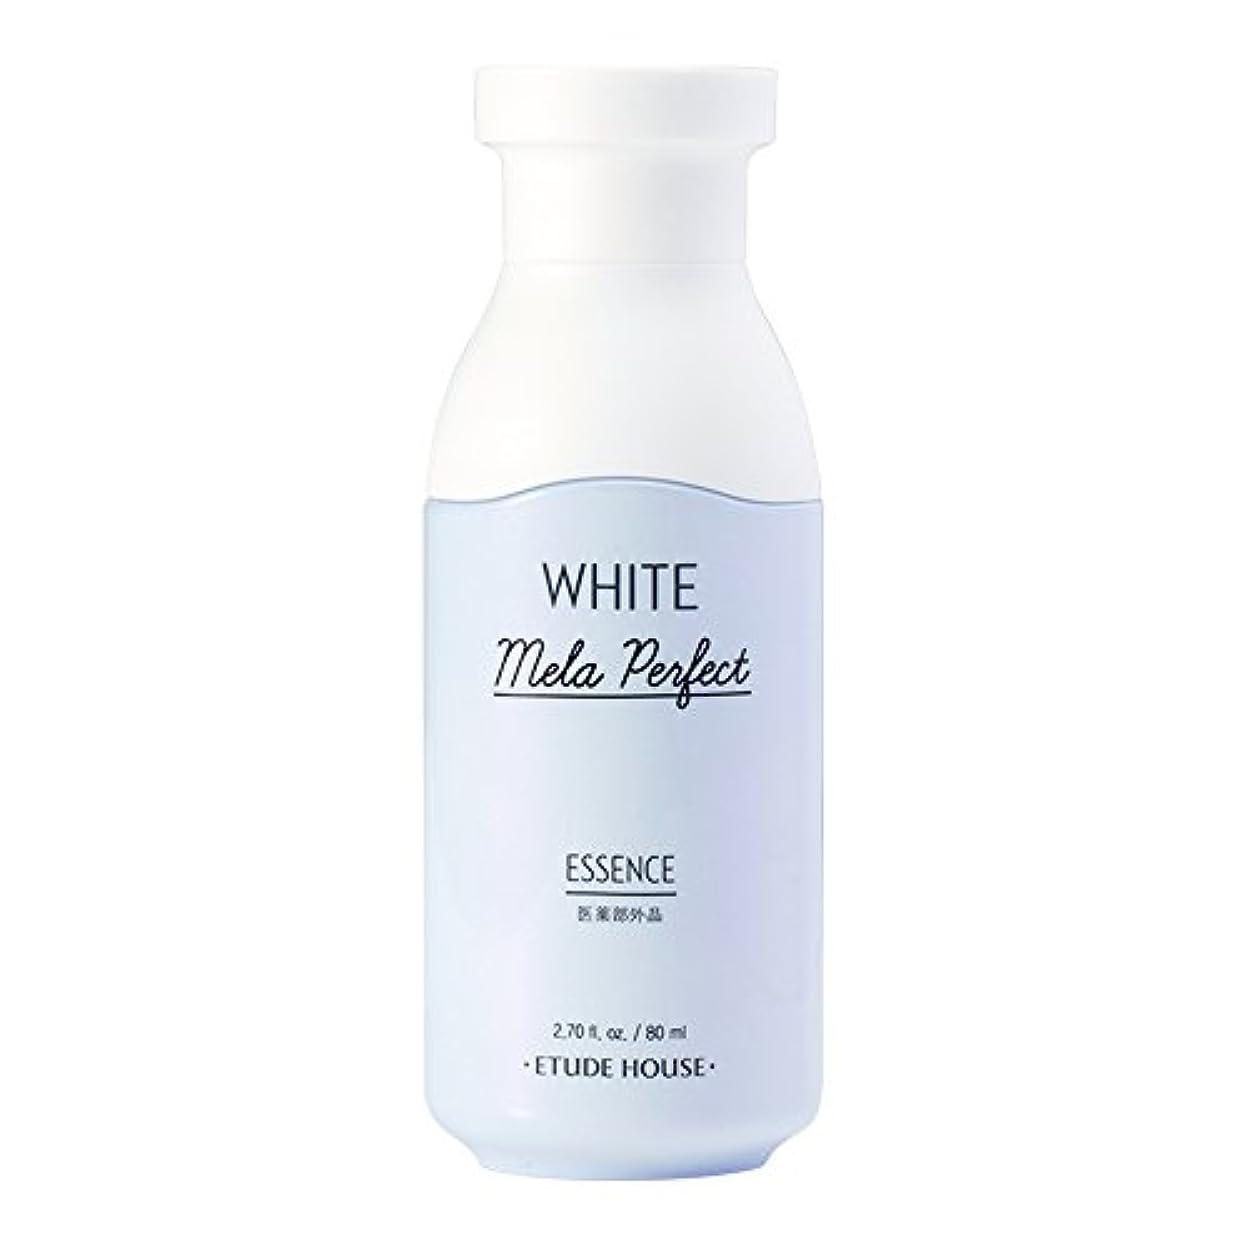 復活機関車専門エチュードハウス(ETUDE HOUSE) ホワイトメラパーフェクト エッセンス「美白美容液」